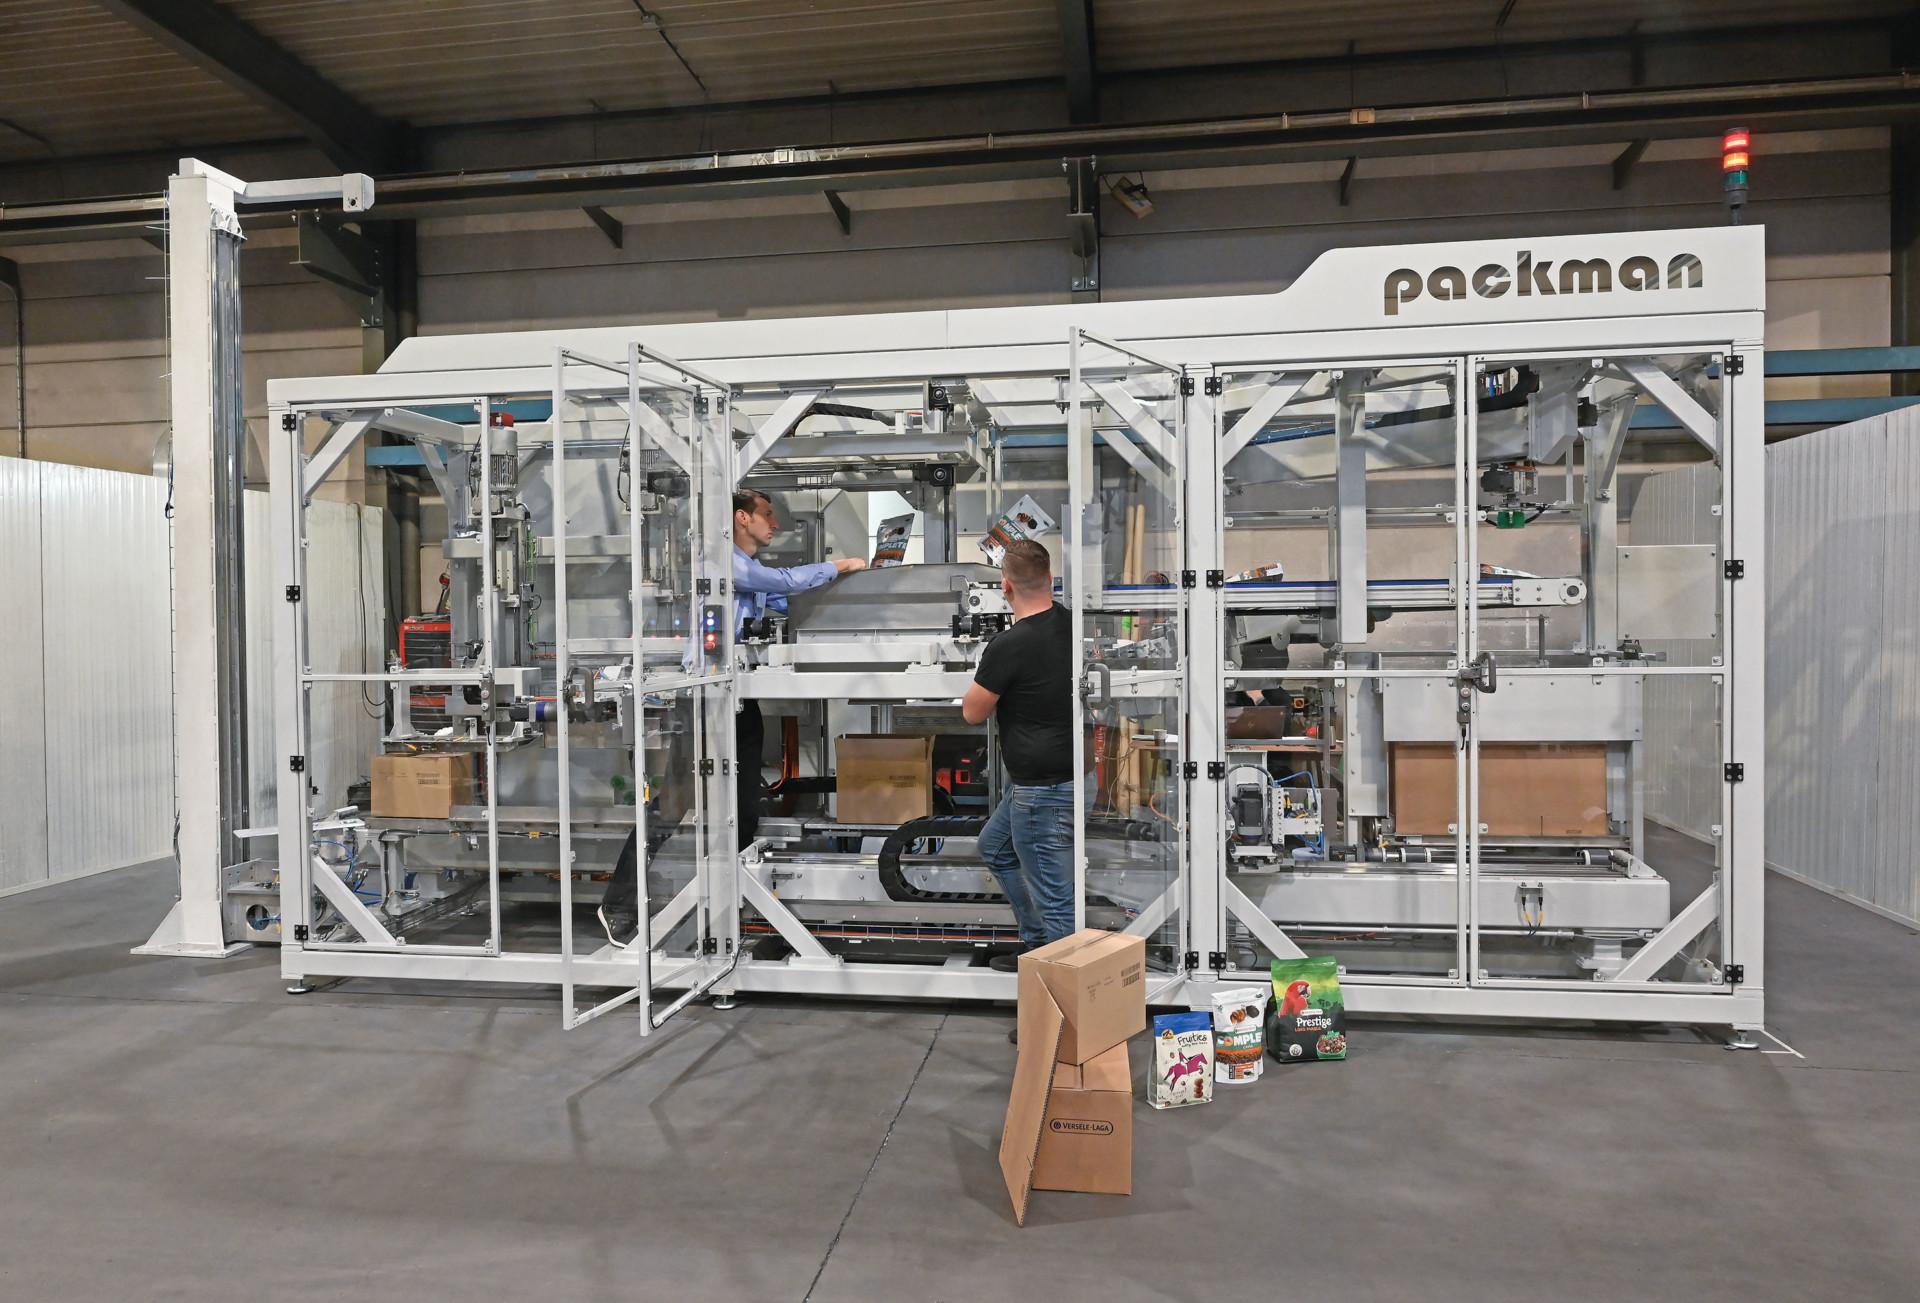 Casepacker Packman